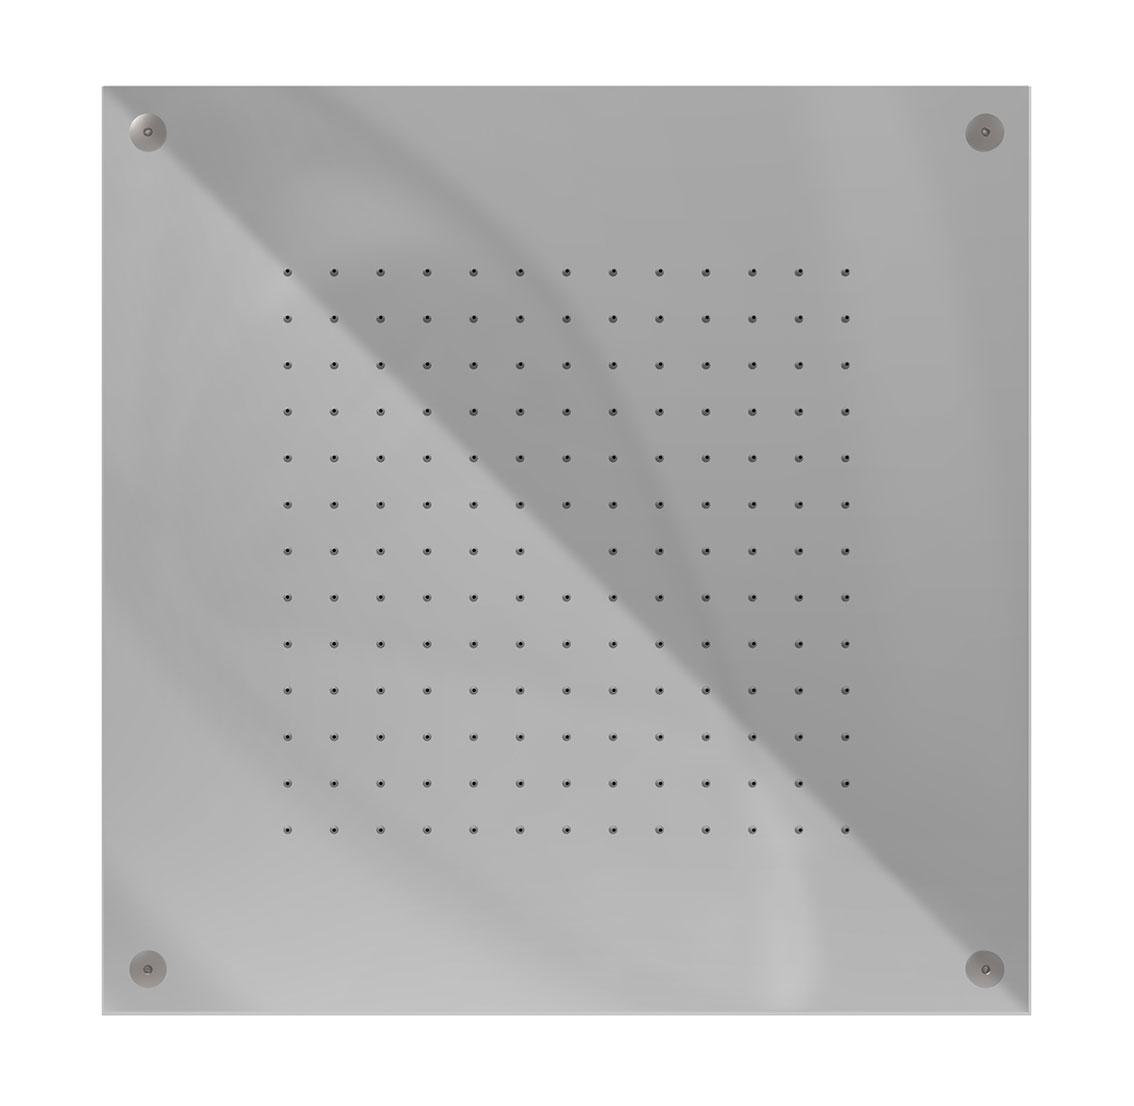 soffione-doccia-acciaio-inox-incasso-quadro-kings-400x400-mm-3.jpg